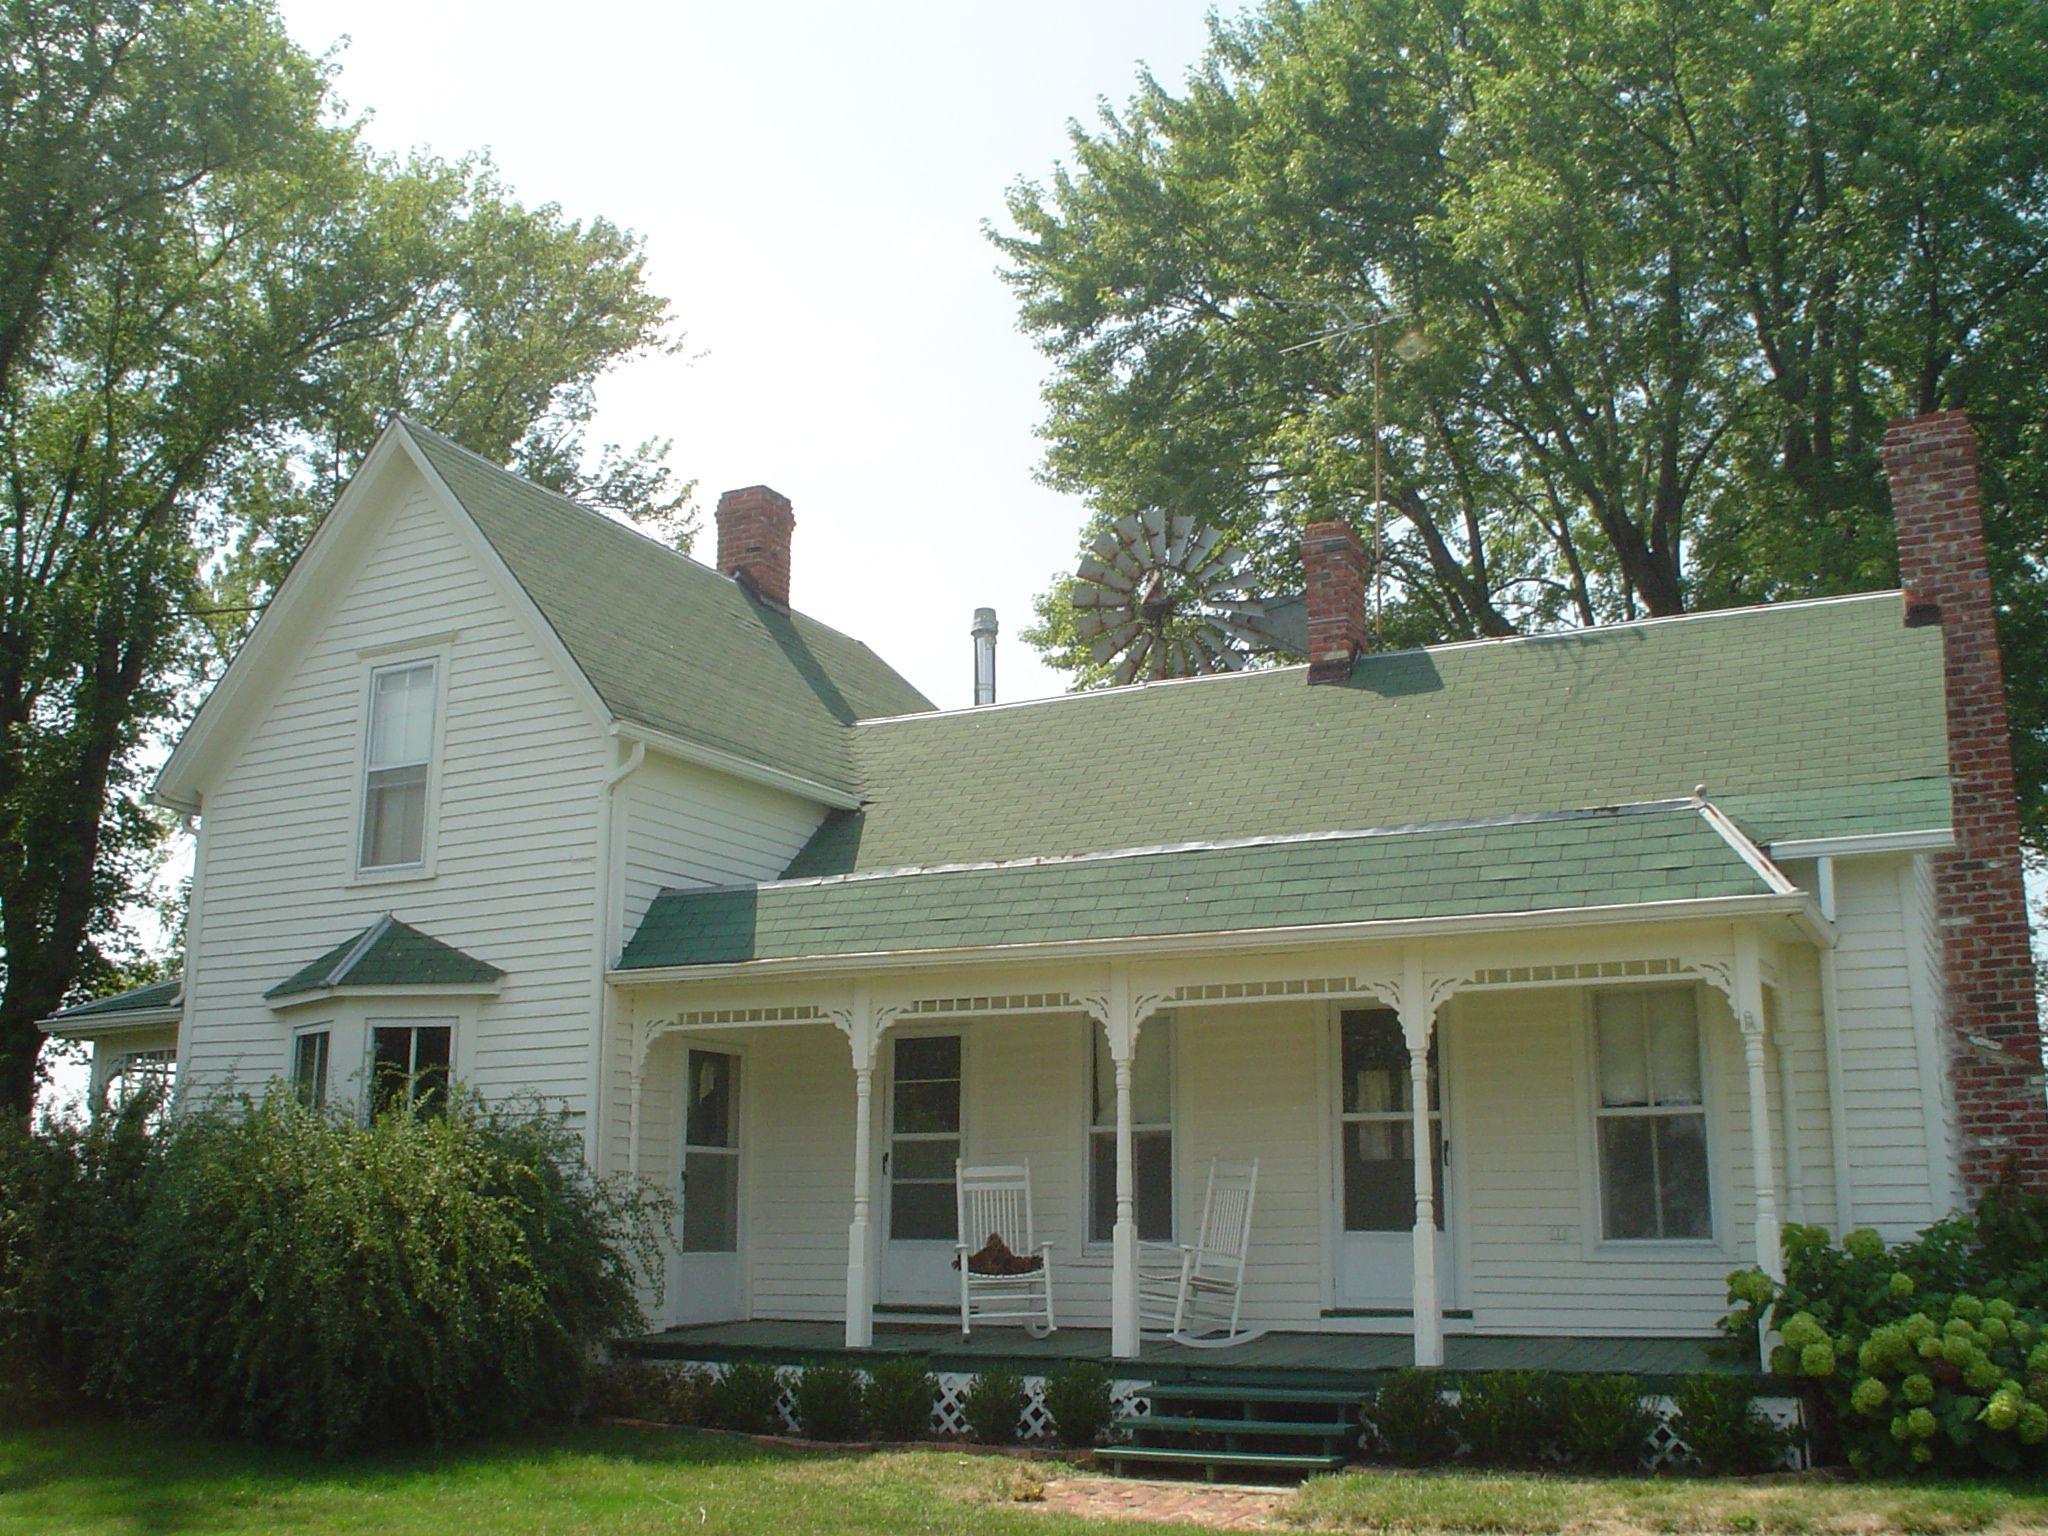 100 Year Old Farm House Old Farm Houses Farmhouse Architecture American Farmhouse